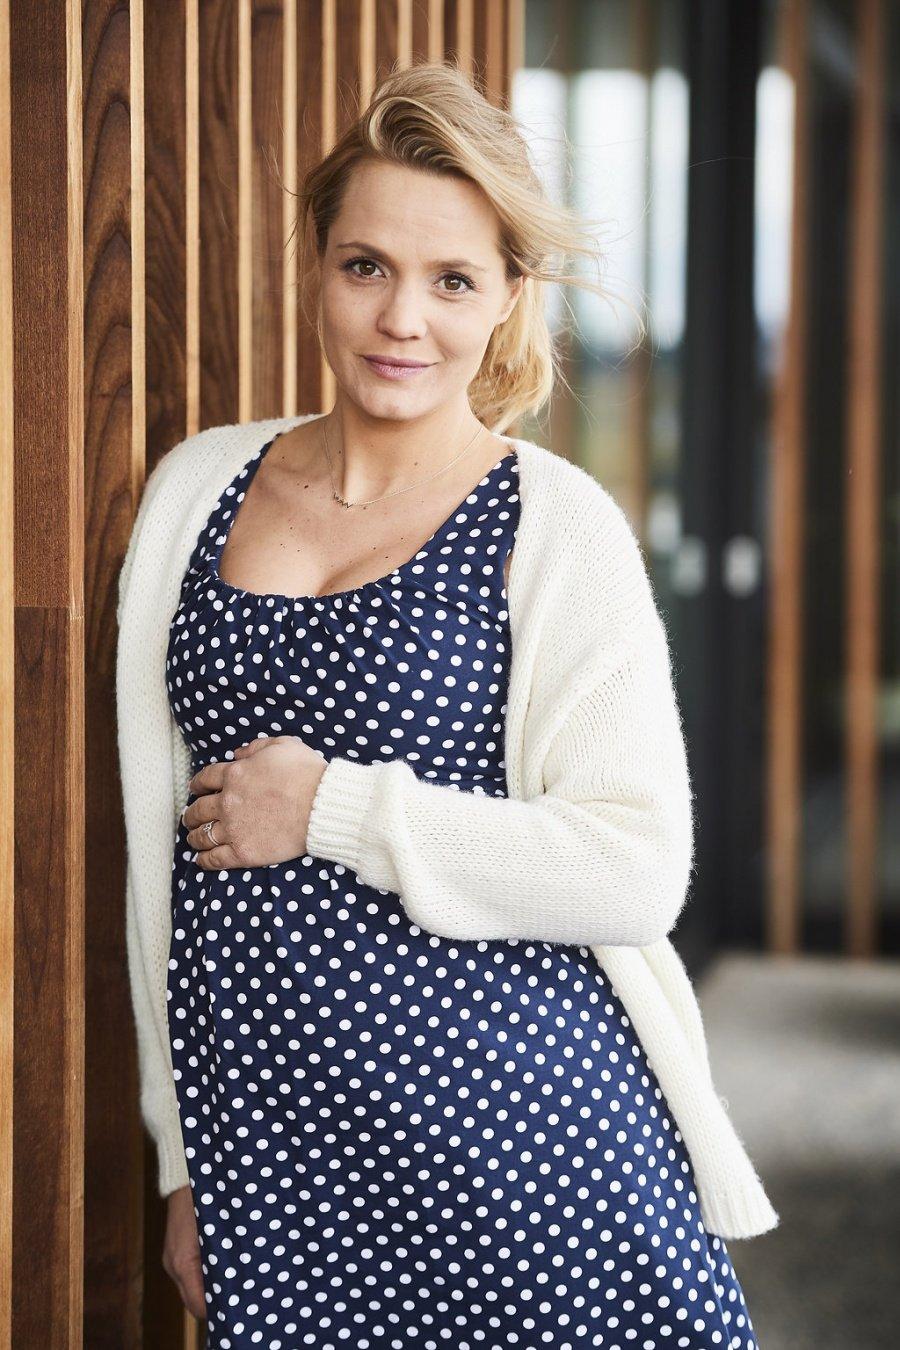 Zwangerschapskleding Gent.Prive Verkoop Zwangerschapskleding In Gent Op 14 16 September